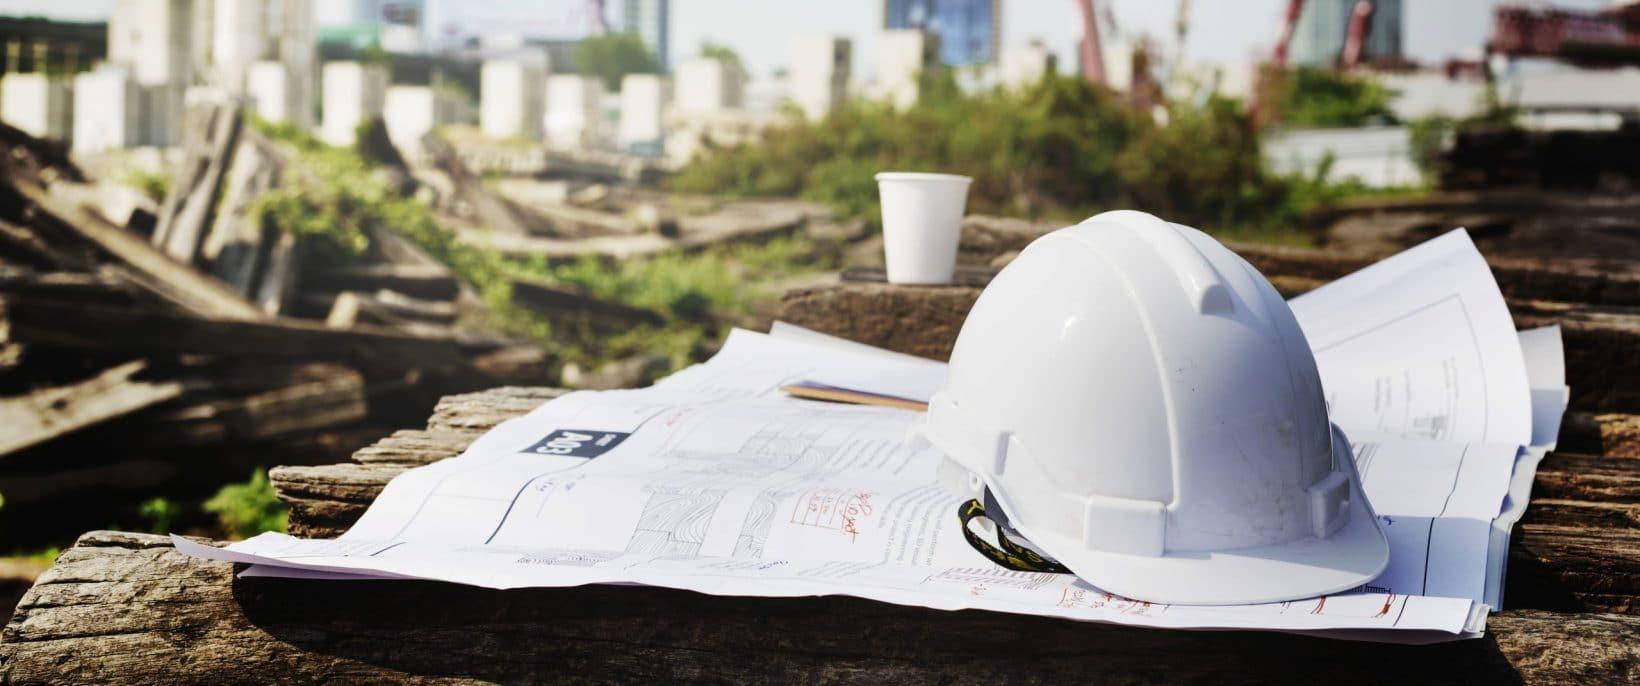 Execução de Obra - Tows Engenharia e Construtora Maringá